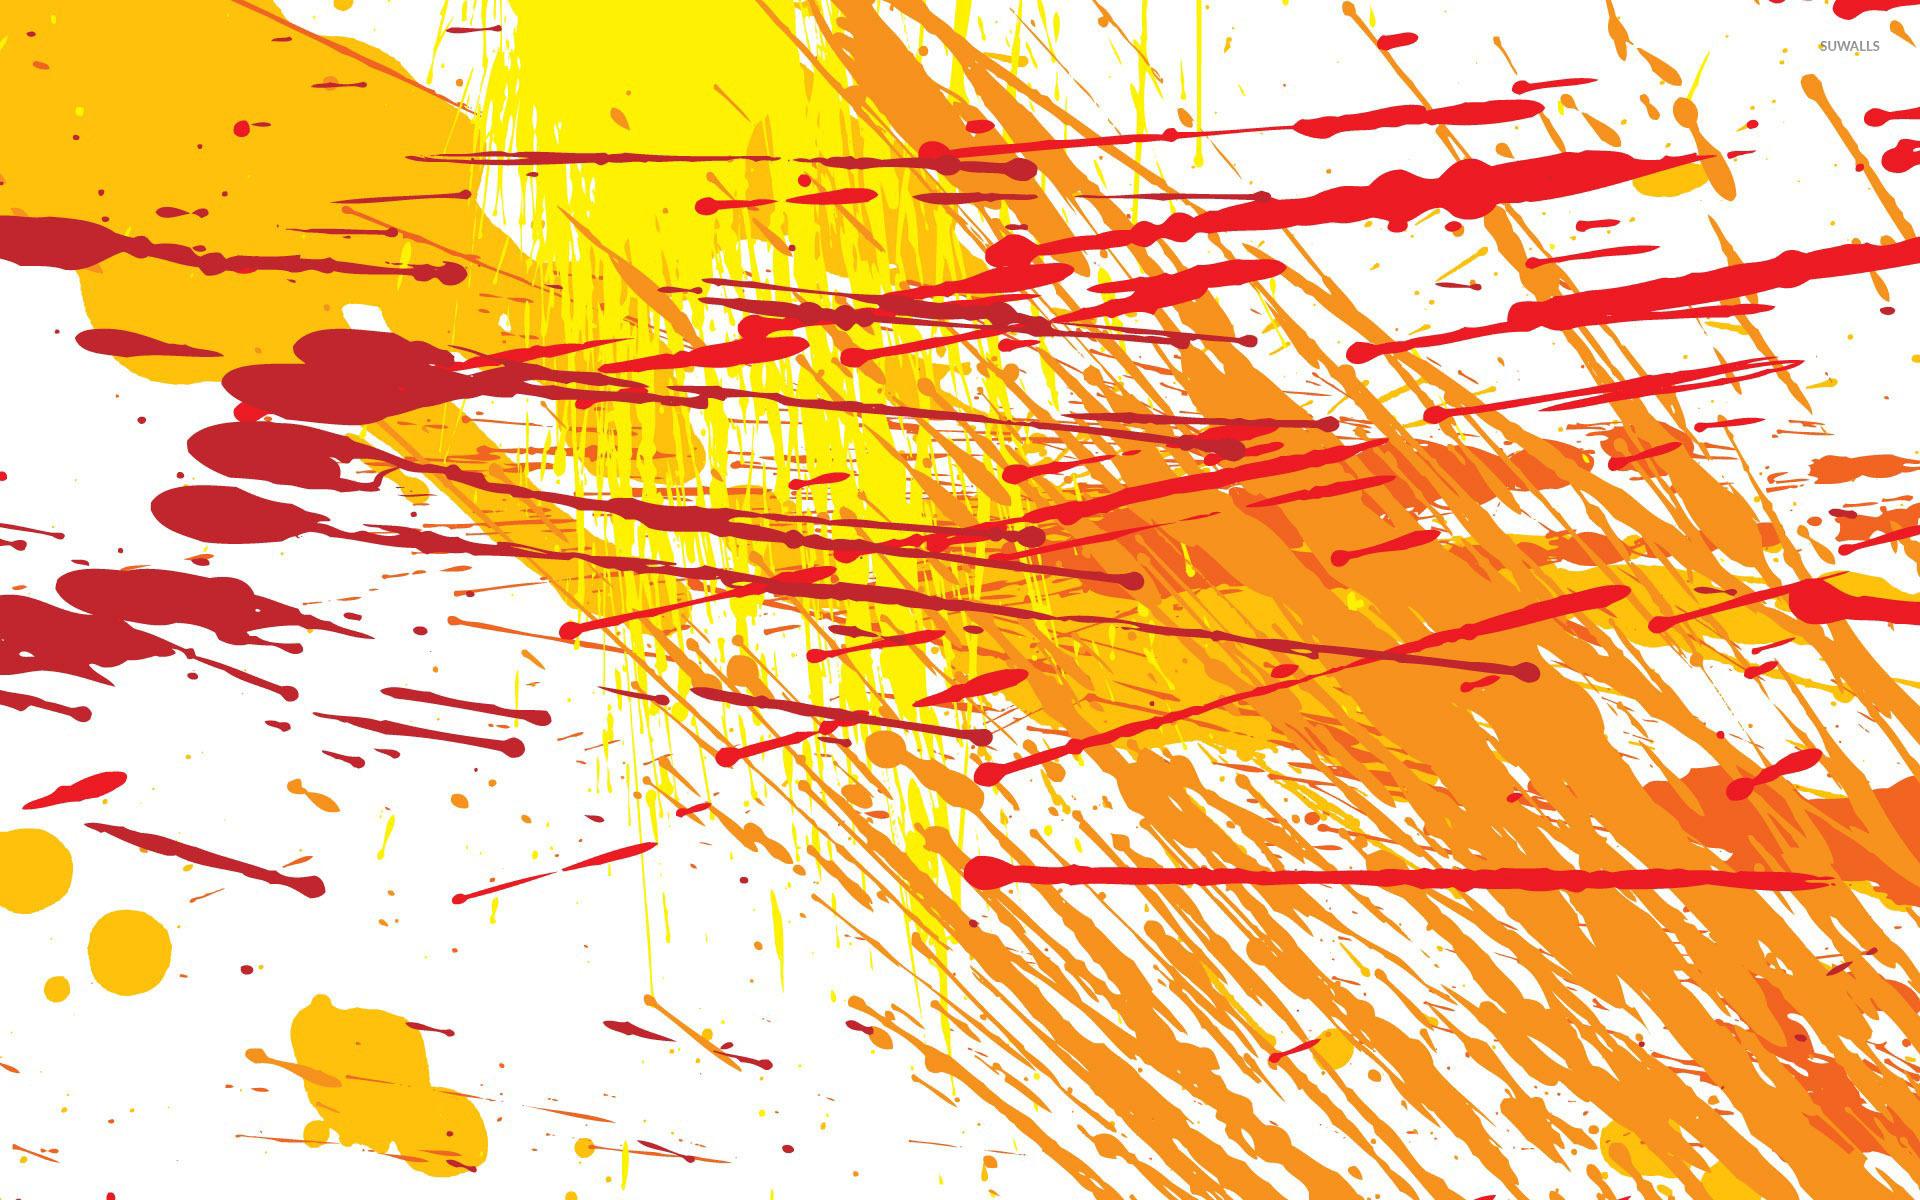 Paint Splatter Wallpaper 1920x1200 Jpg